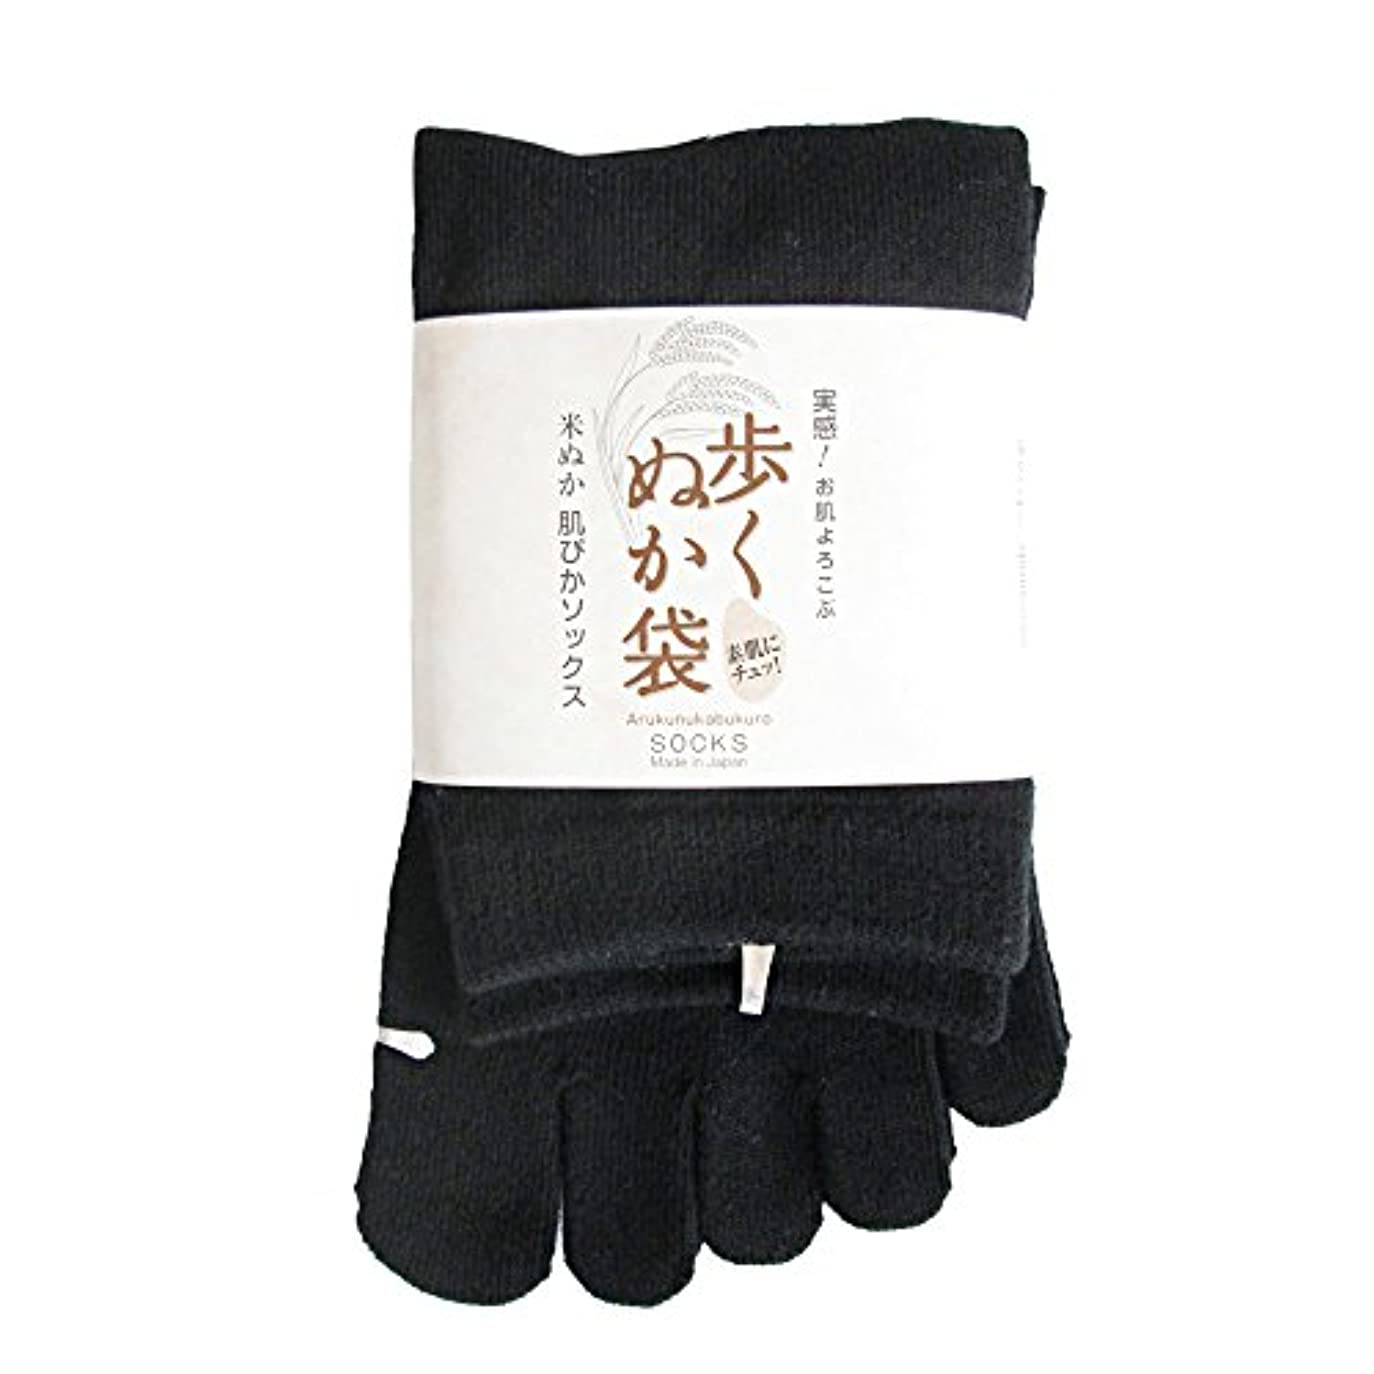 誰でも暗くする師匠歩くぬか袋 米ぬかシリコン五本指 23-25cm ブラック